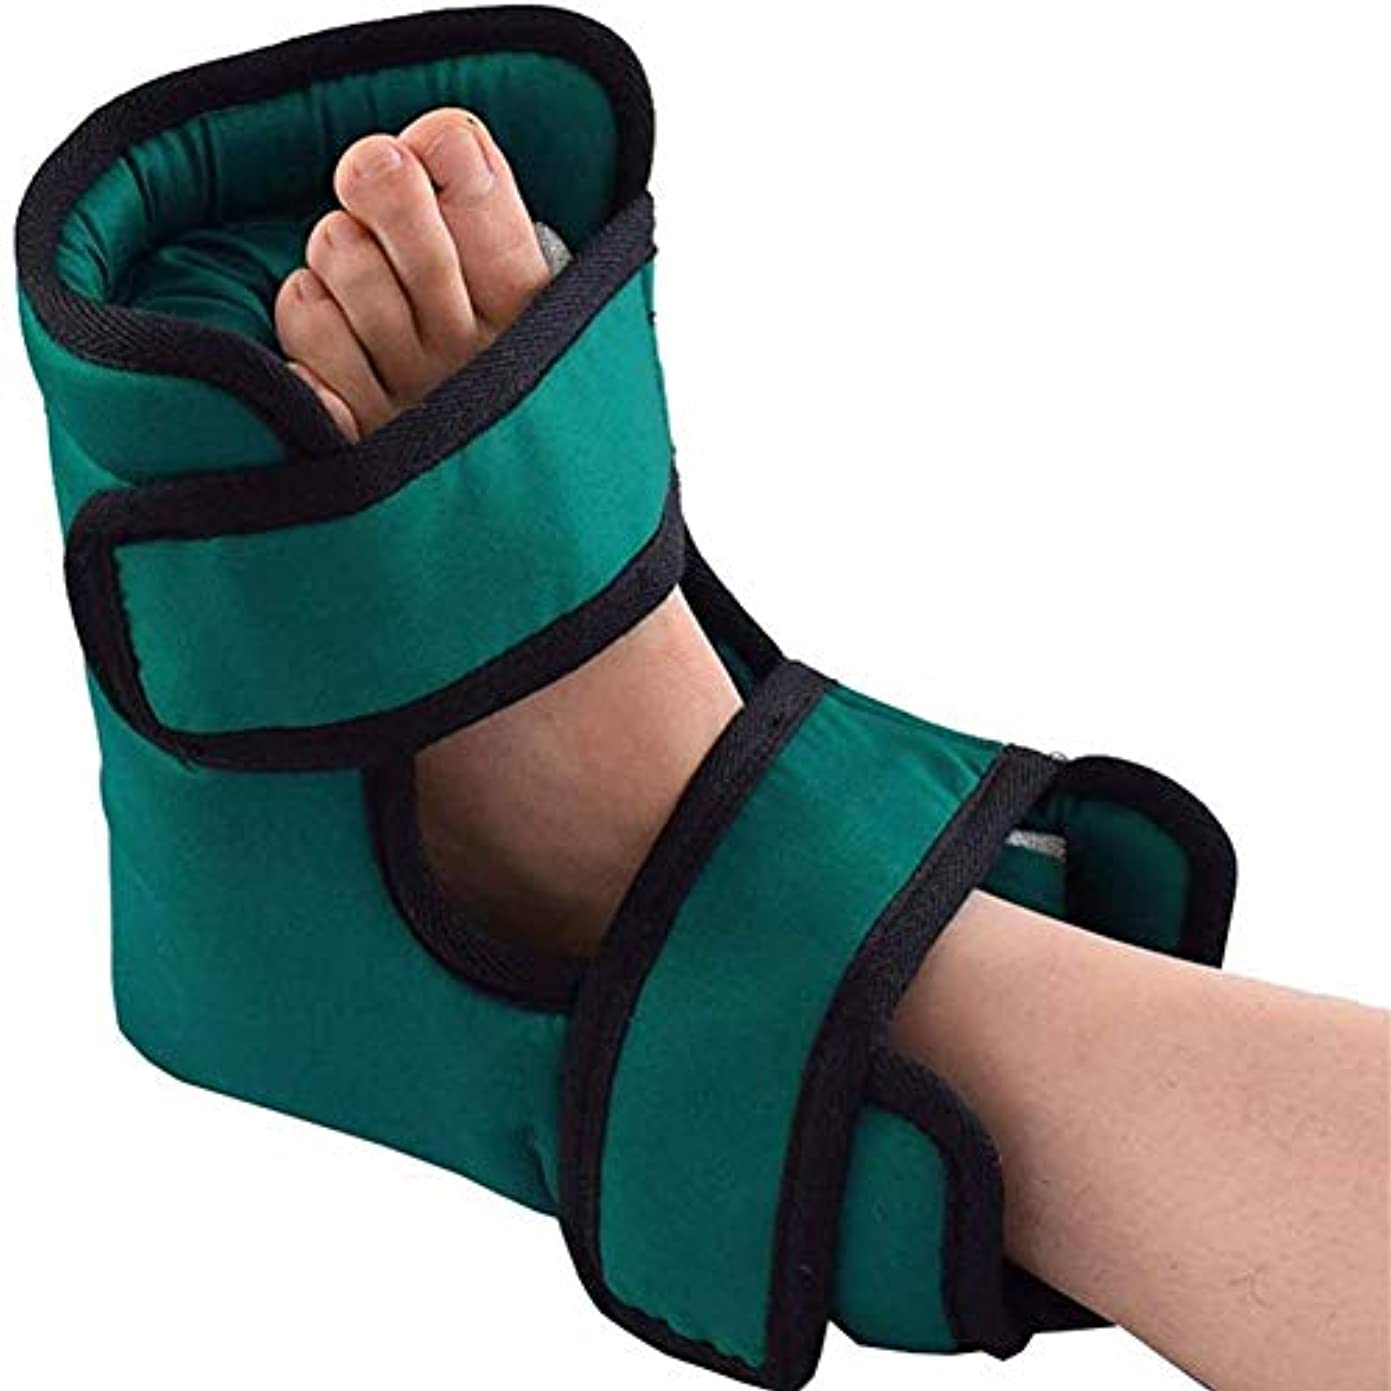 ティーンエイジャーの間で回るヒールクッションプロテクター - 足と足首の枕 - ヒール保護ガード - 足、肘、かかと - ベッド&褥瘡を保護します,2pc